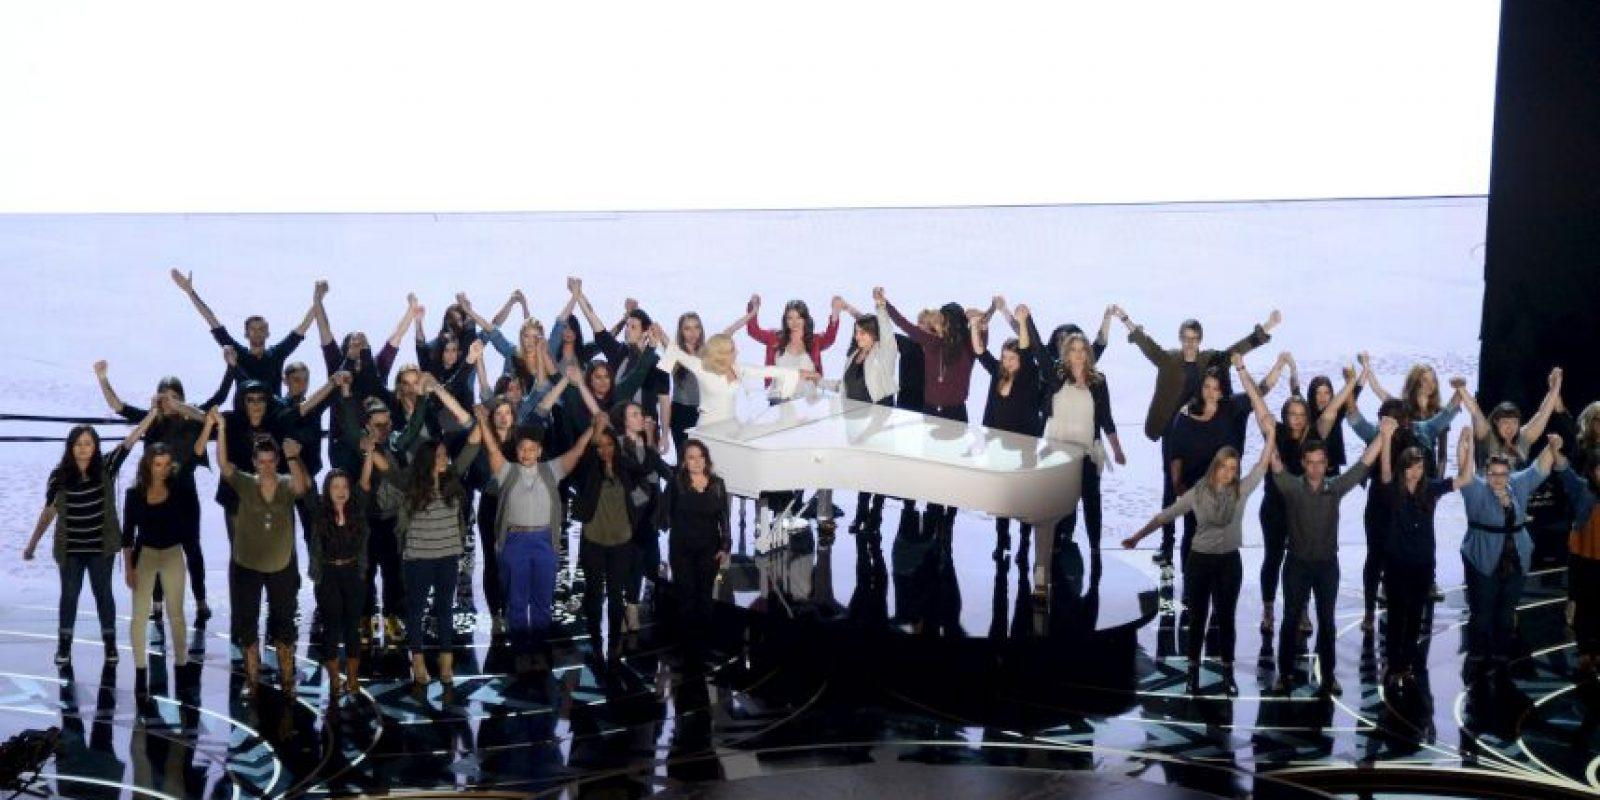 En el escenario, Gaga estuvo acompañada por otras víctimas de violaciones. Foto:Getty Images